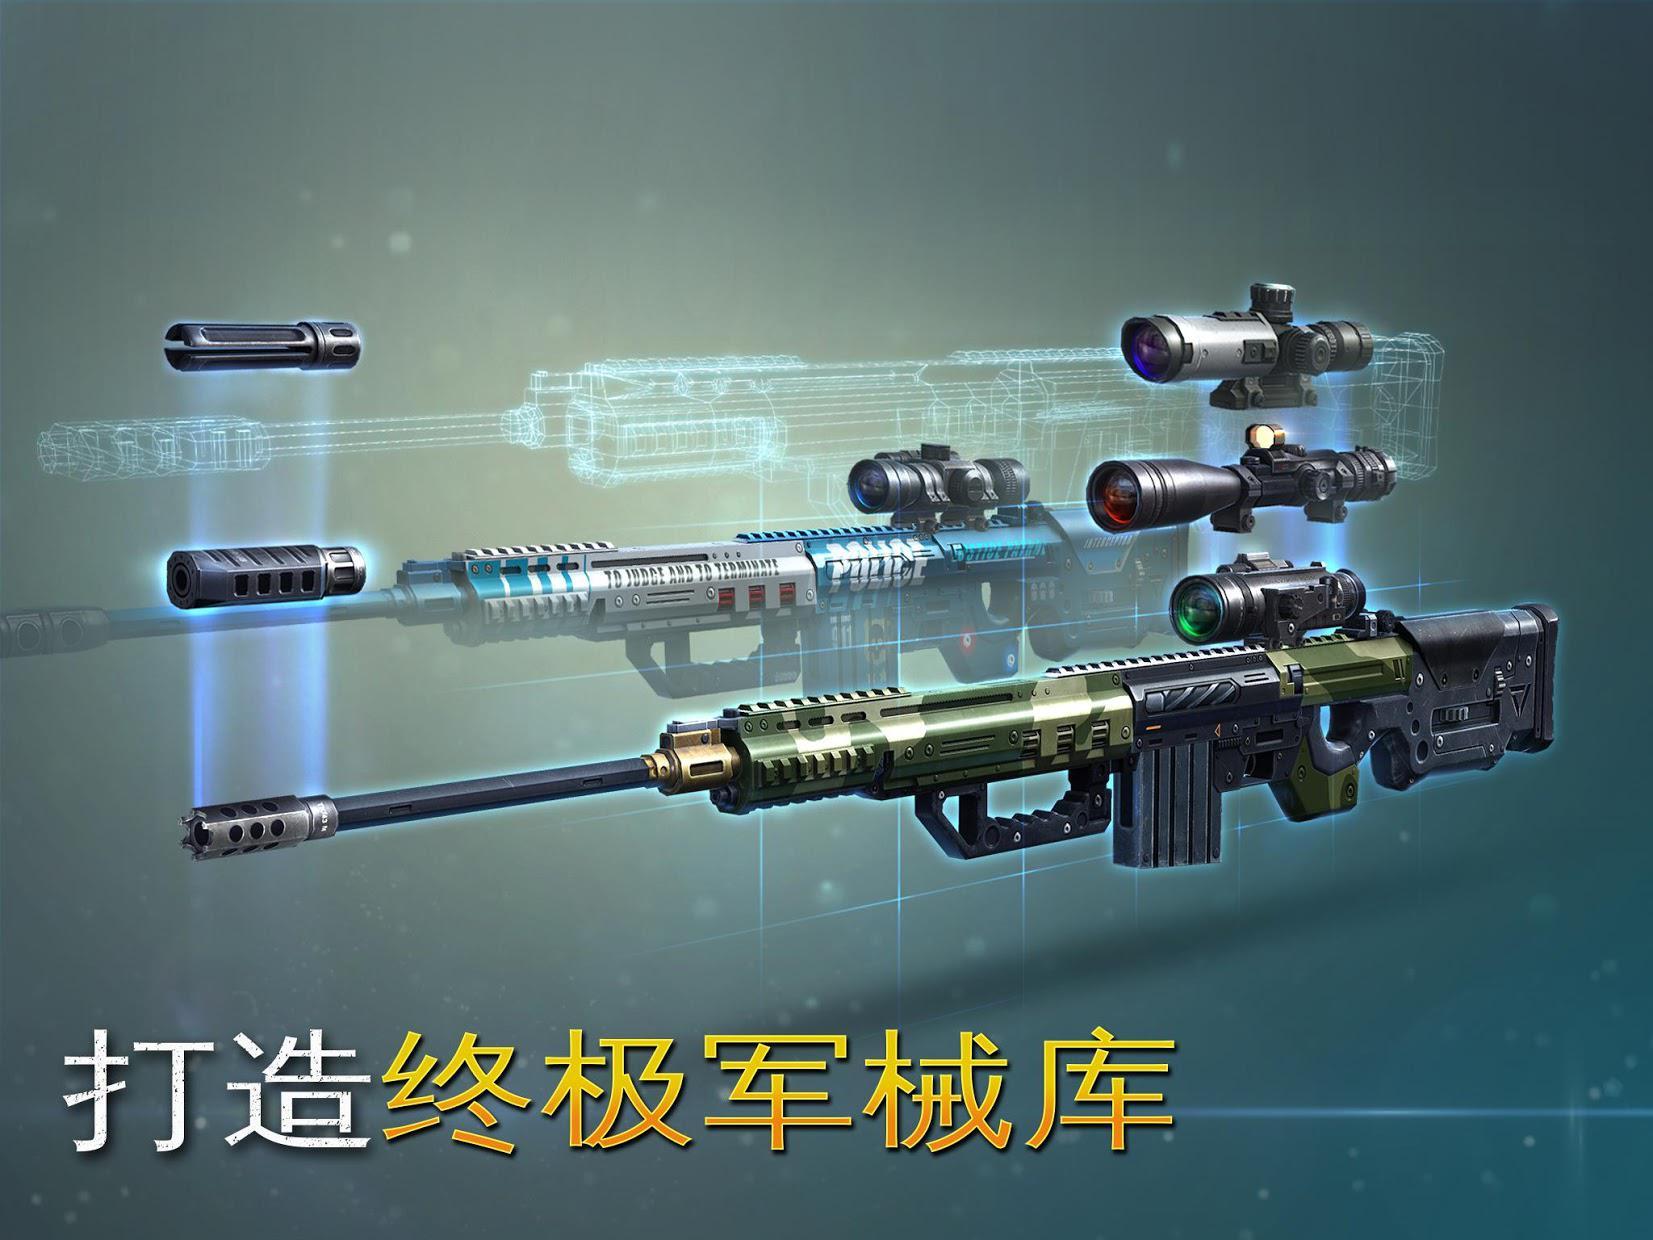 炽热狙击:最好玩的射击游戏 游戏截图3